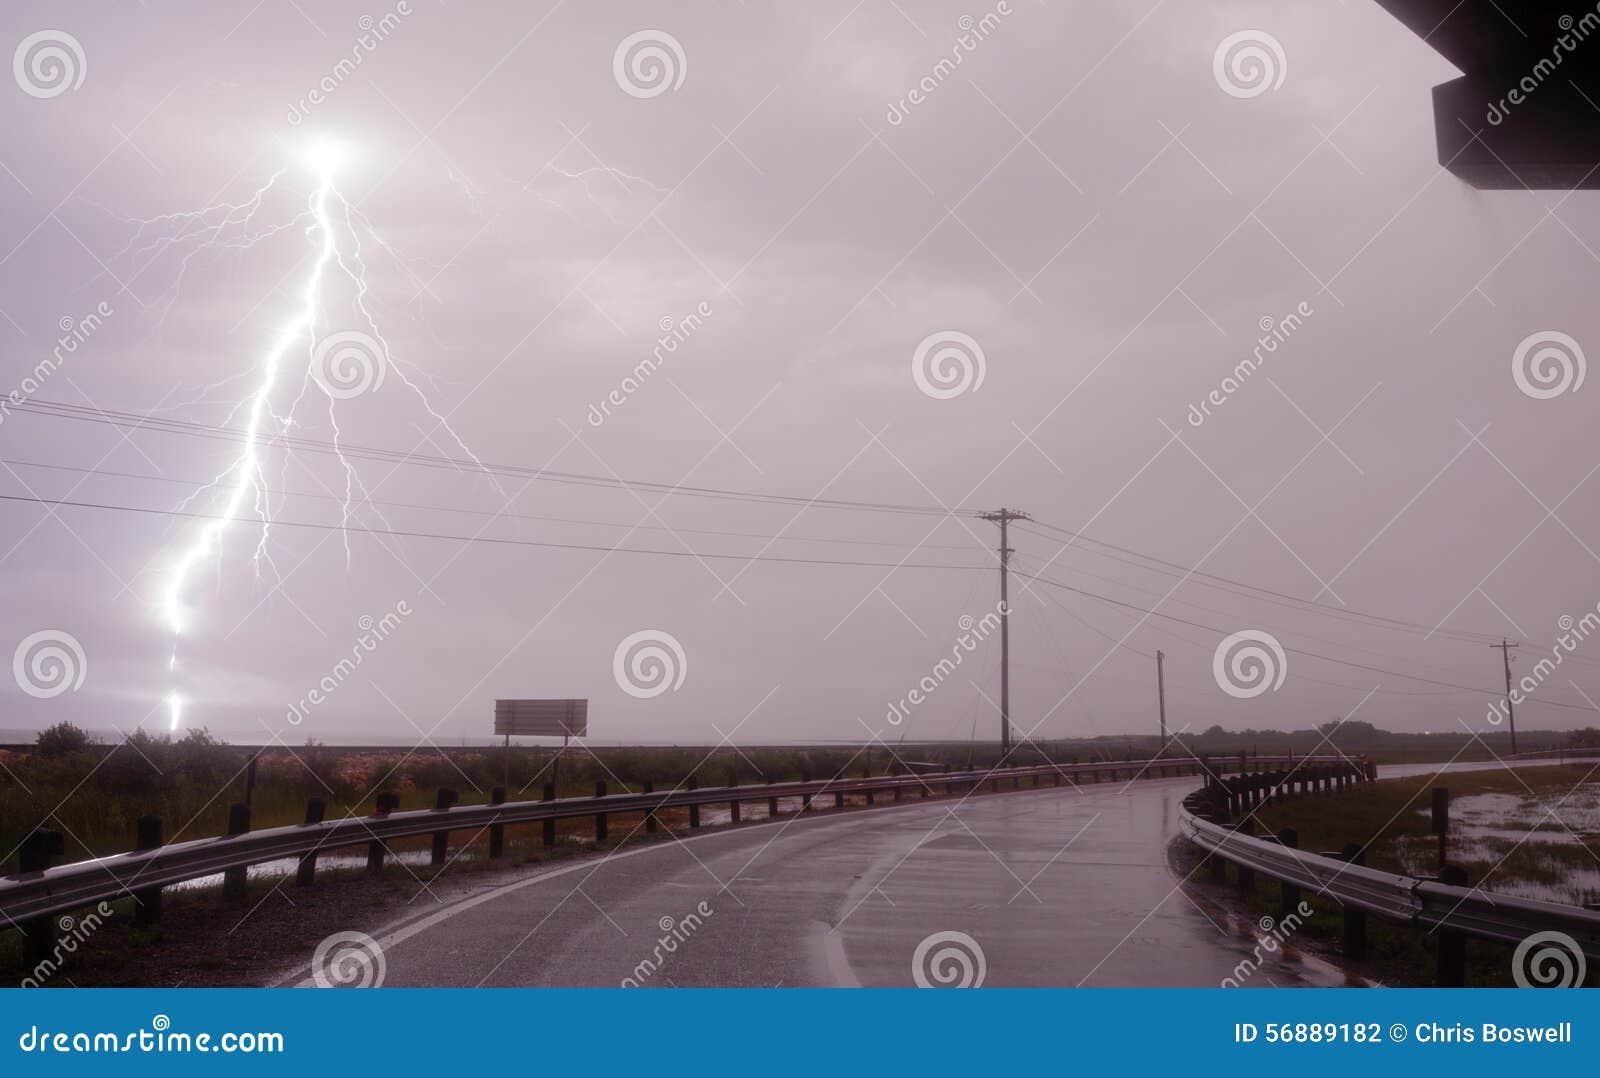 Pioggia orizzontalmente della baia di Texas Gulf Of Mexico West di temporale